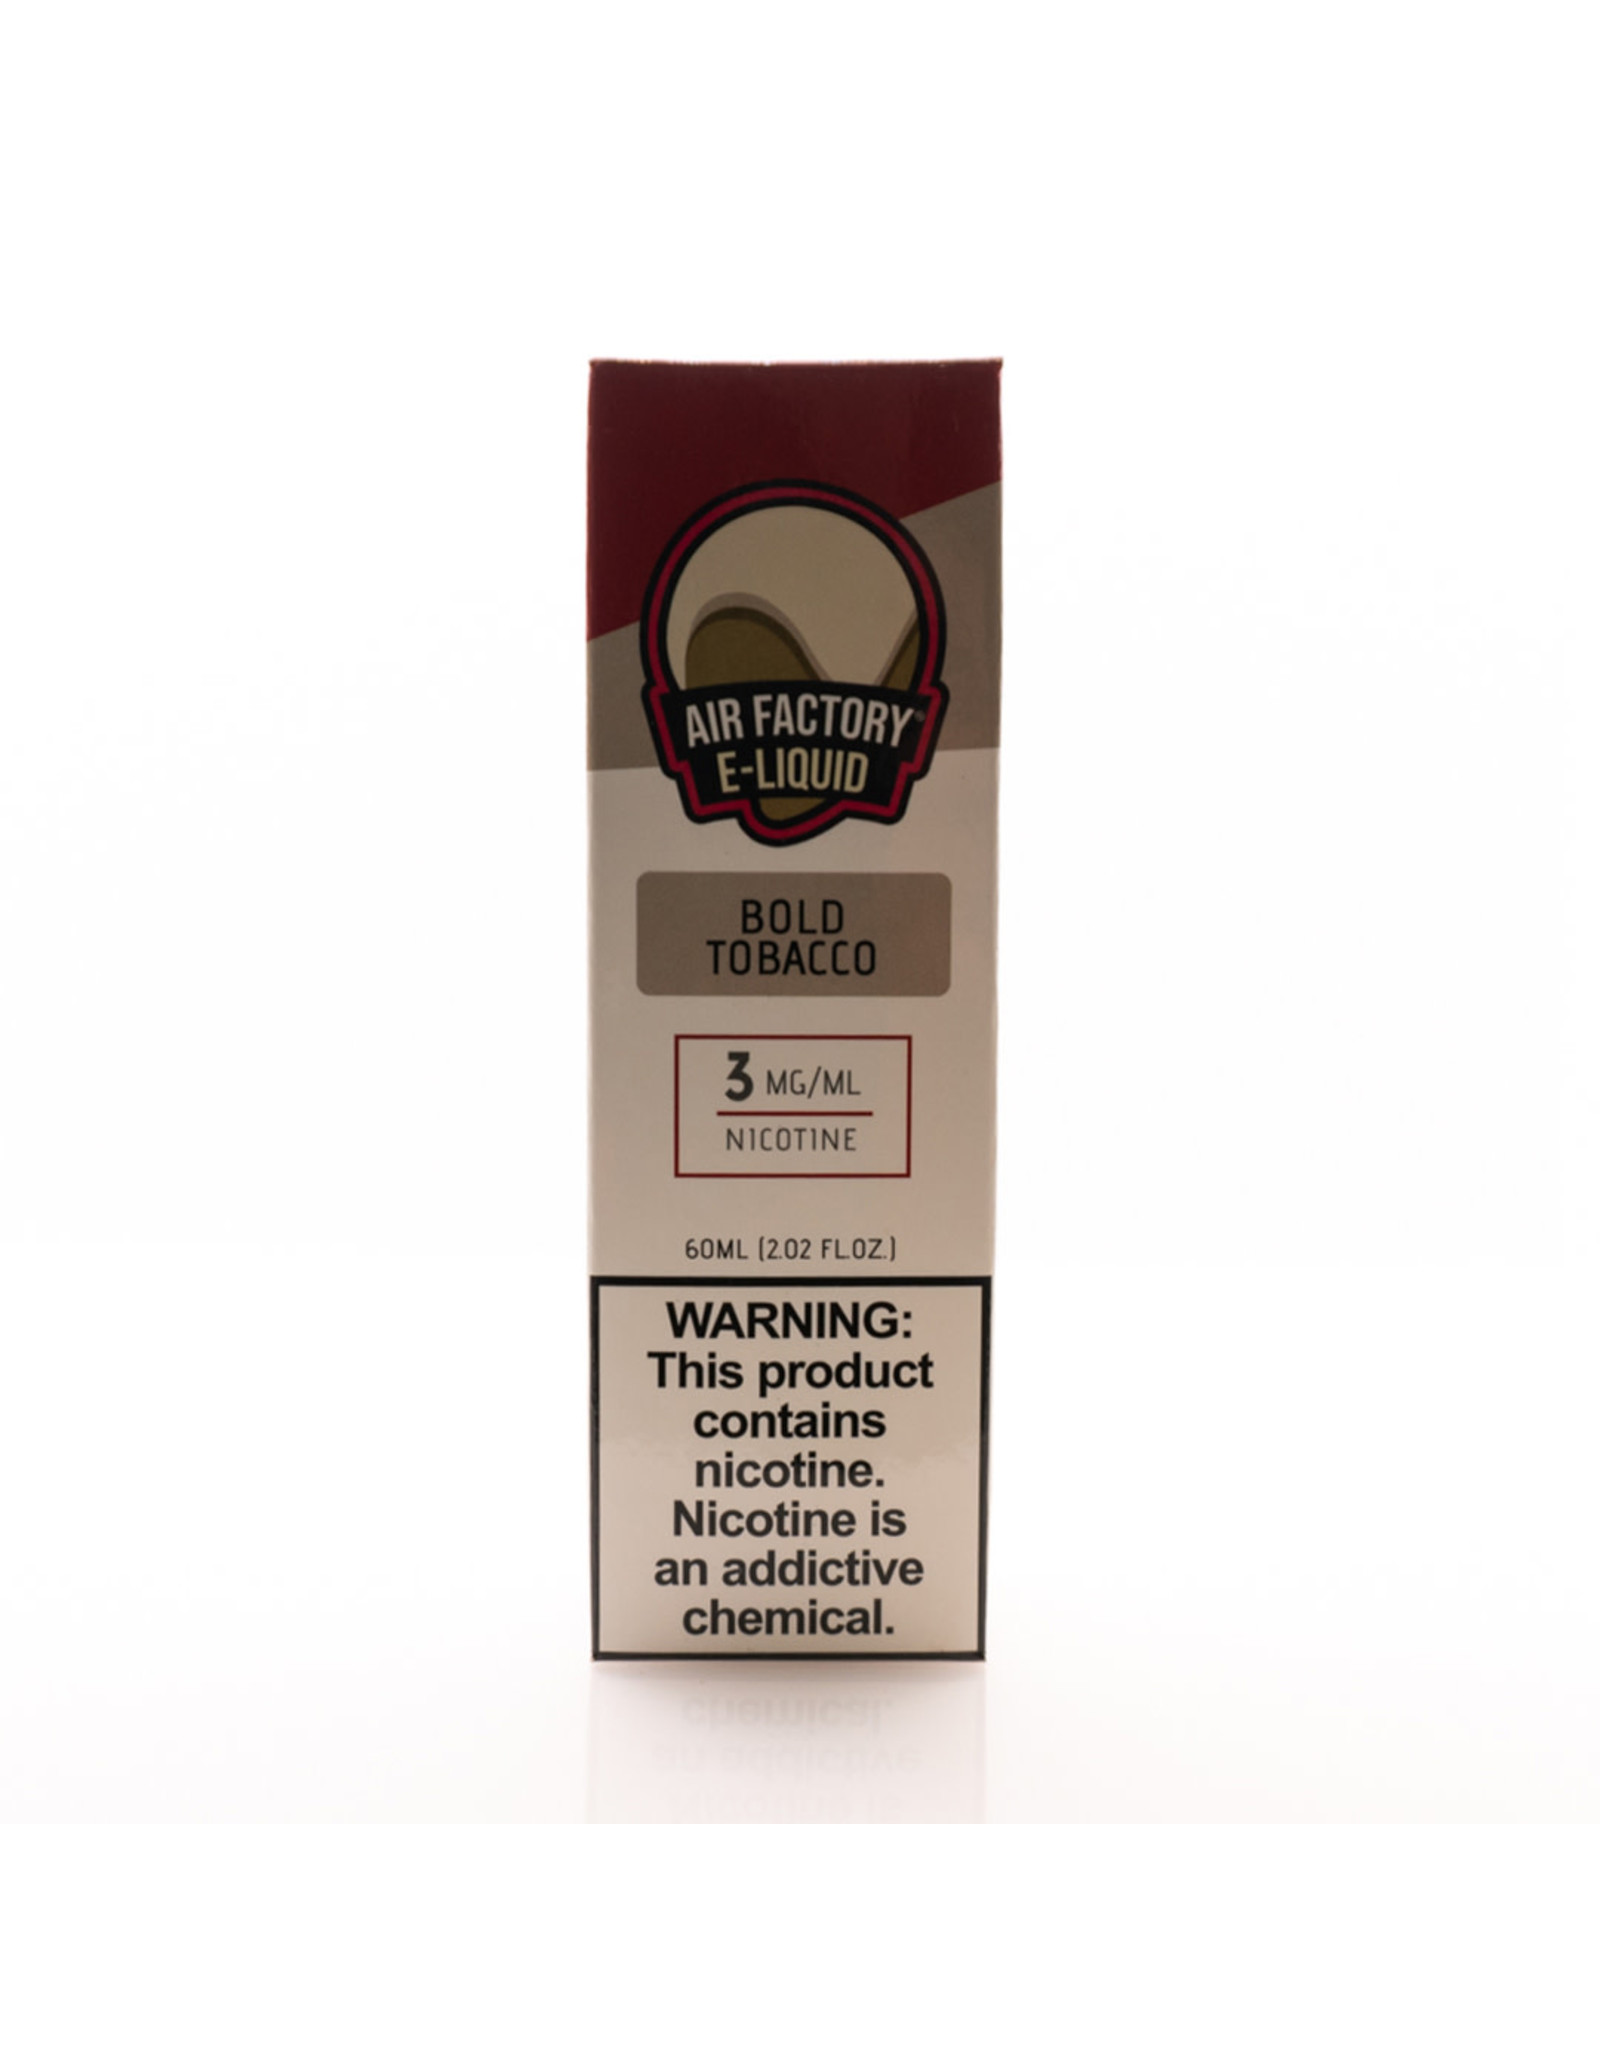 Air Factory Air Factory 60ml E-Liquid: Tobacco-